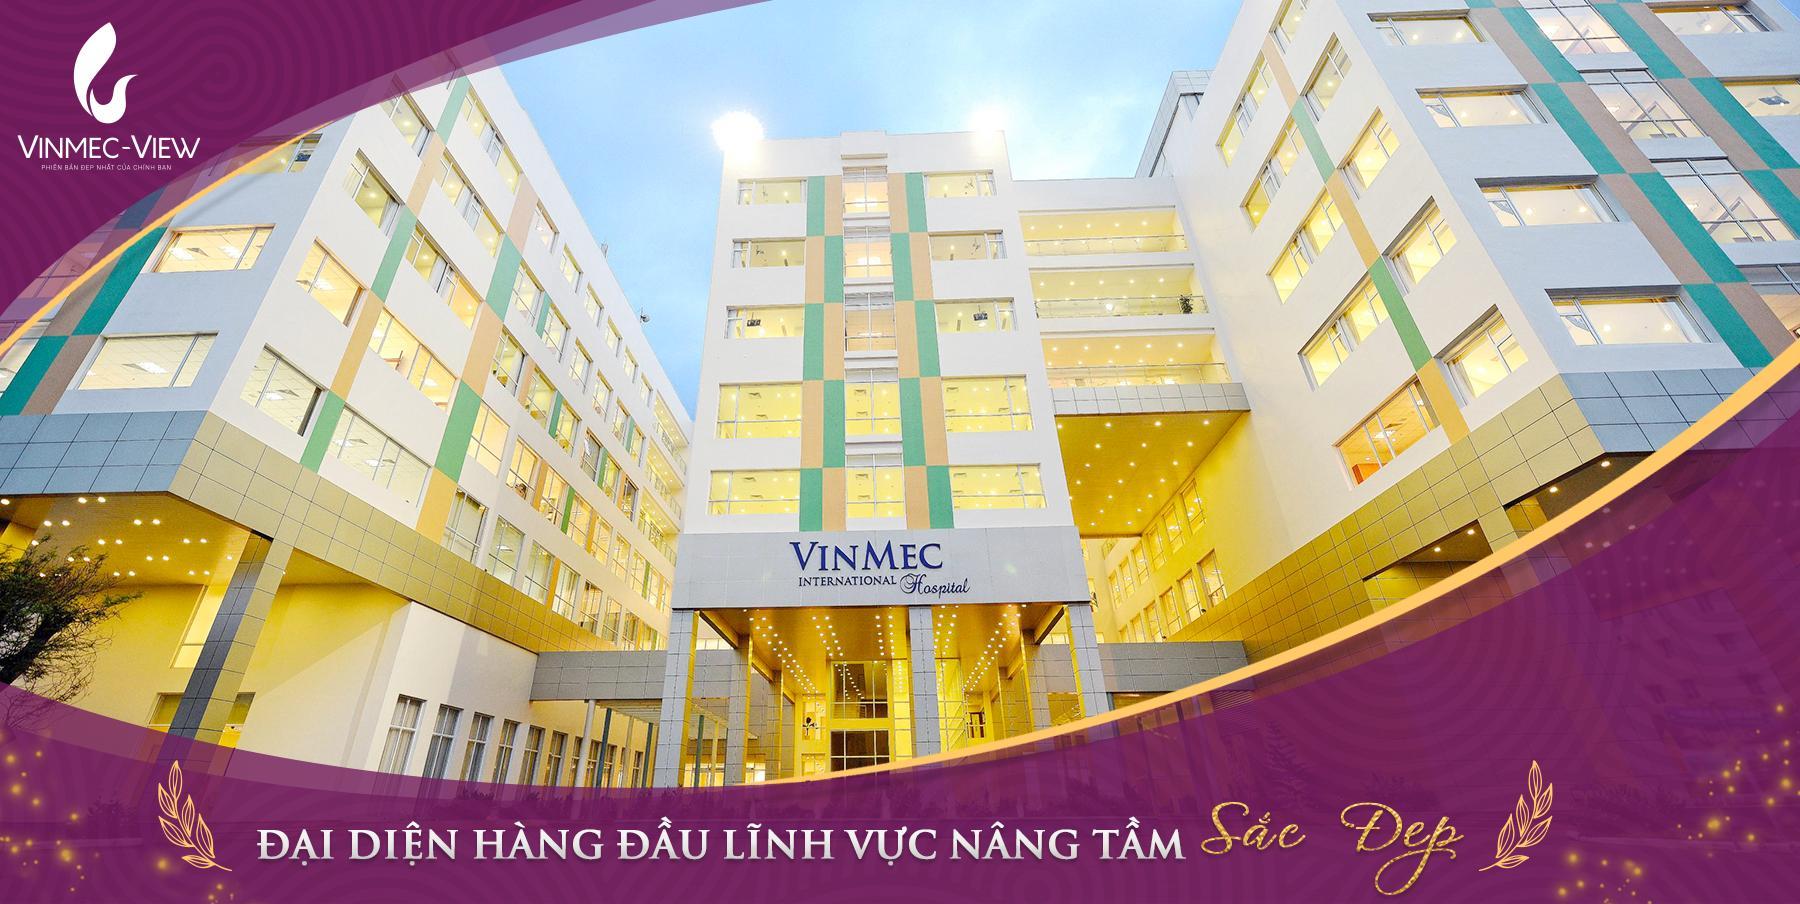 Trung tâm thẩm mỹ Vinmec - Liều thuốc cho những tâm hồn sau tan vỡ.